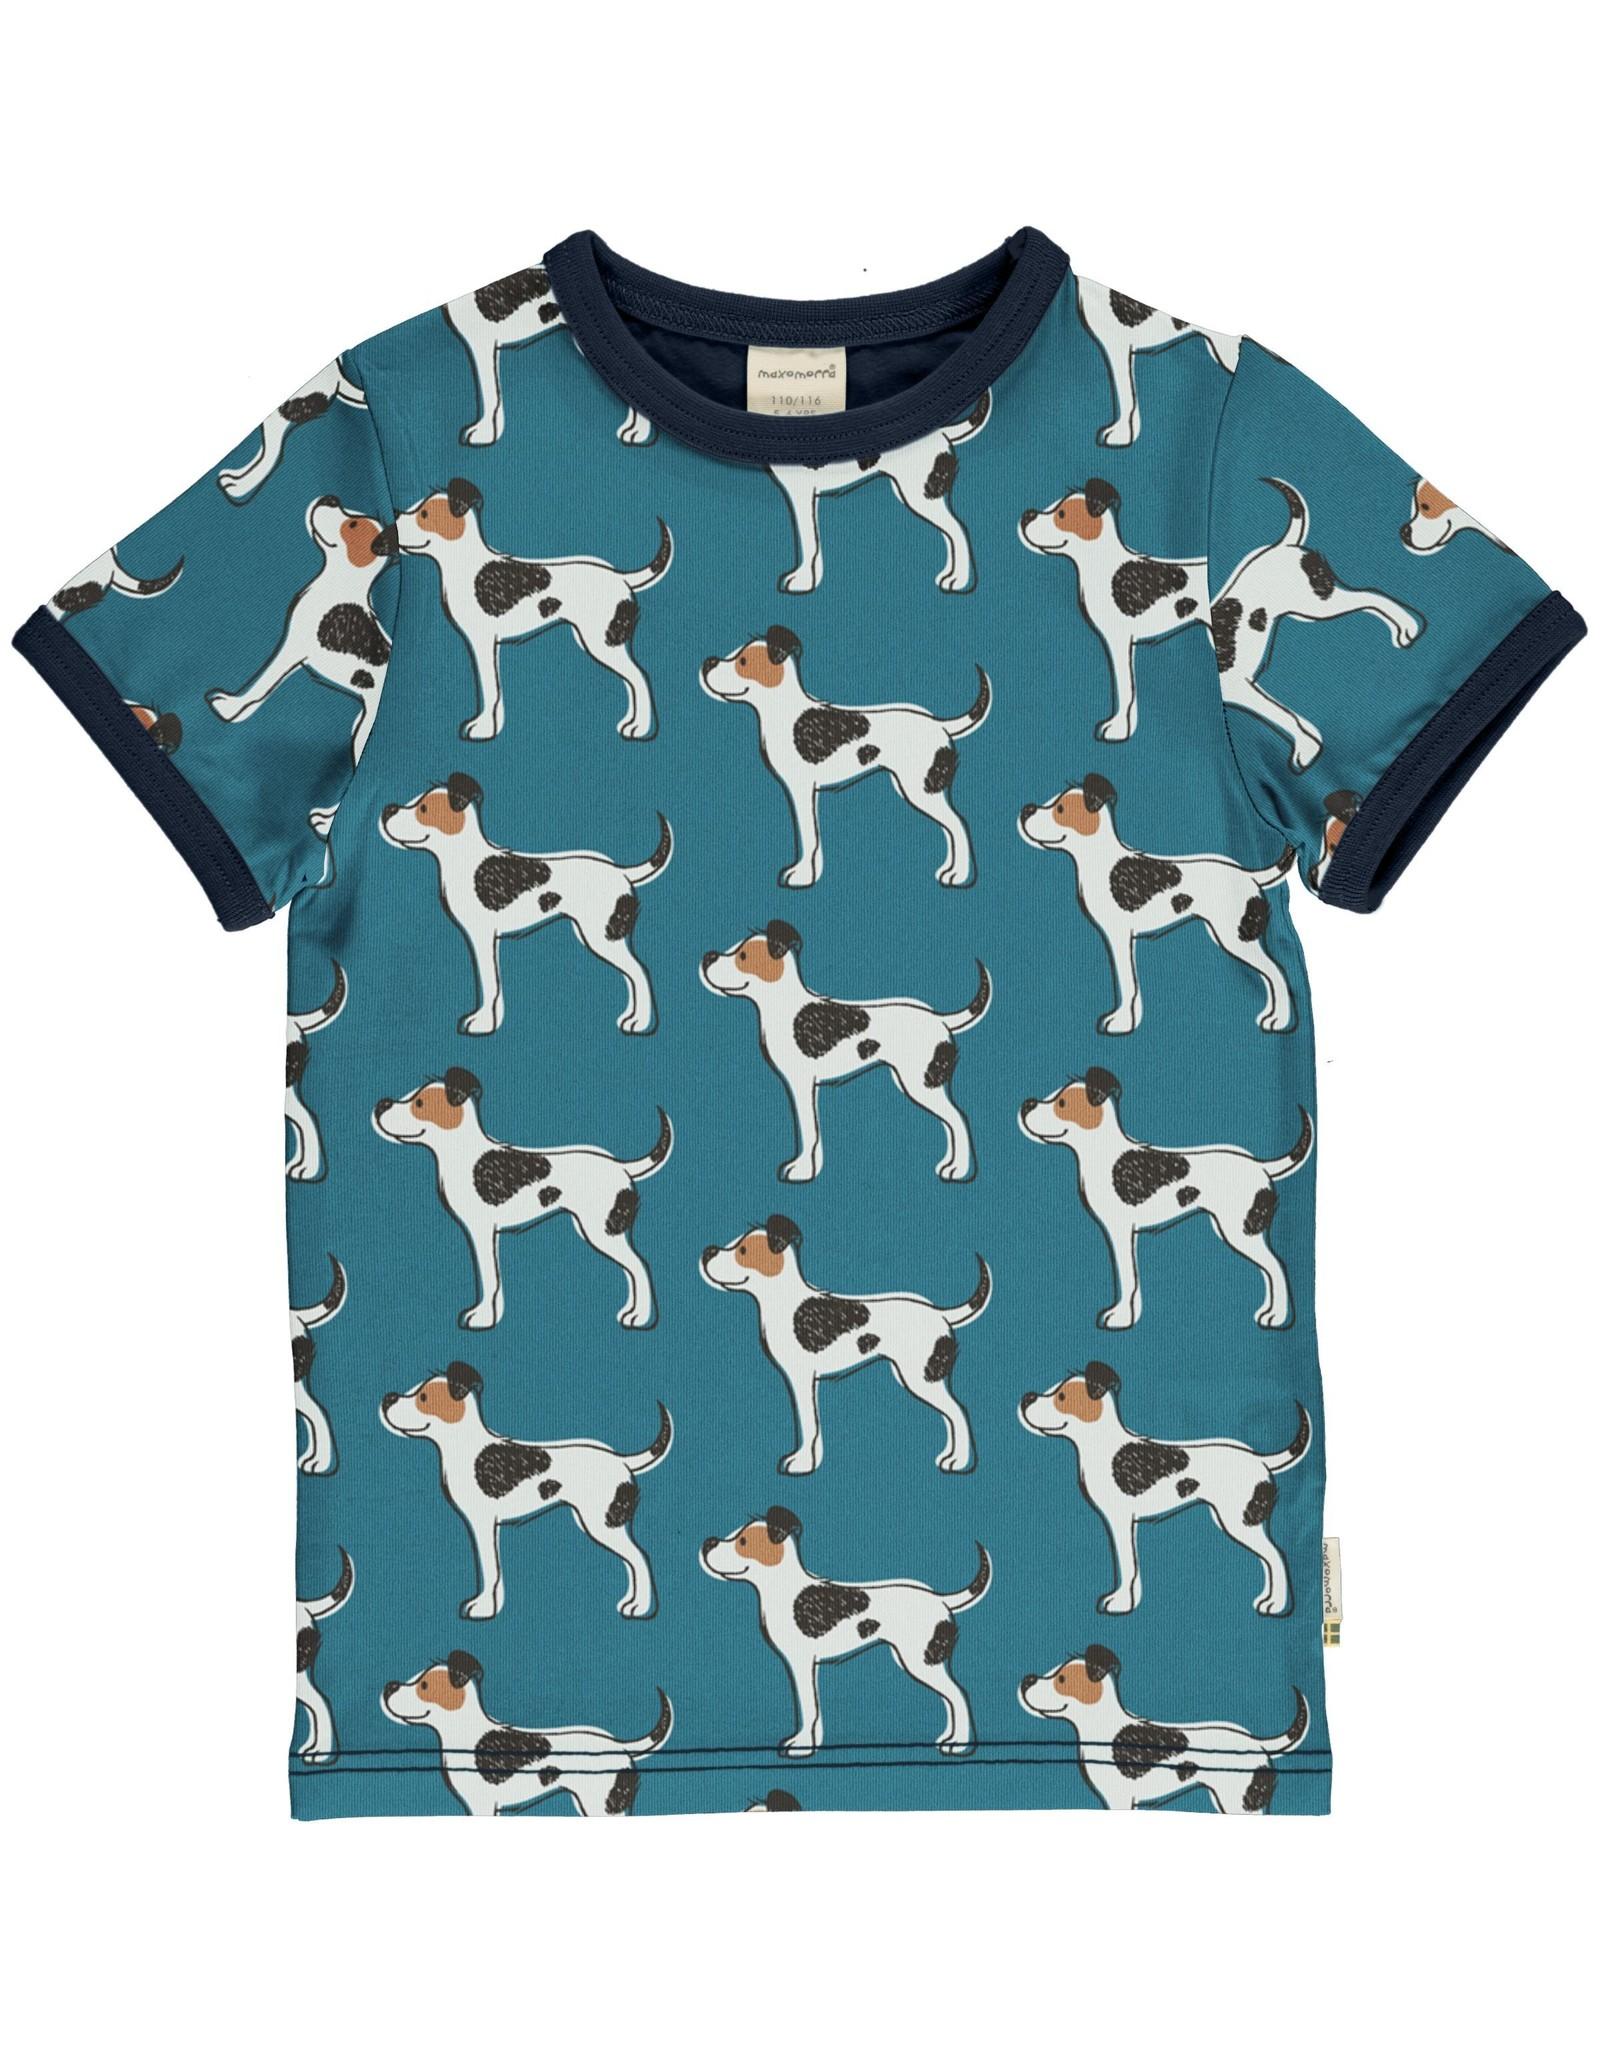 Maxomorra T-shirt met honden